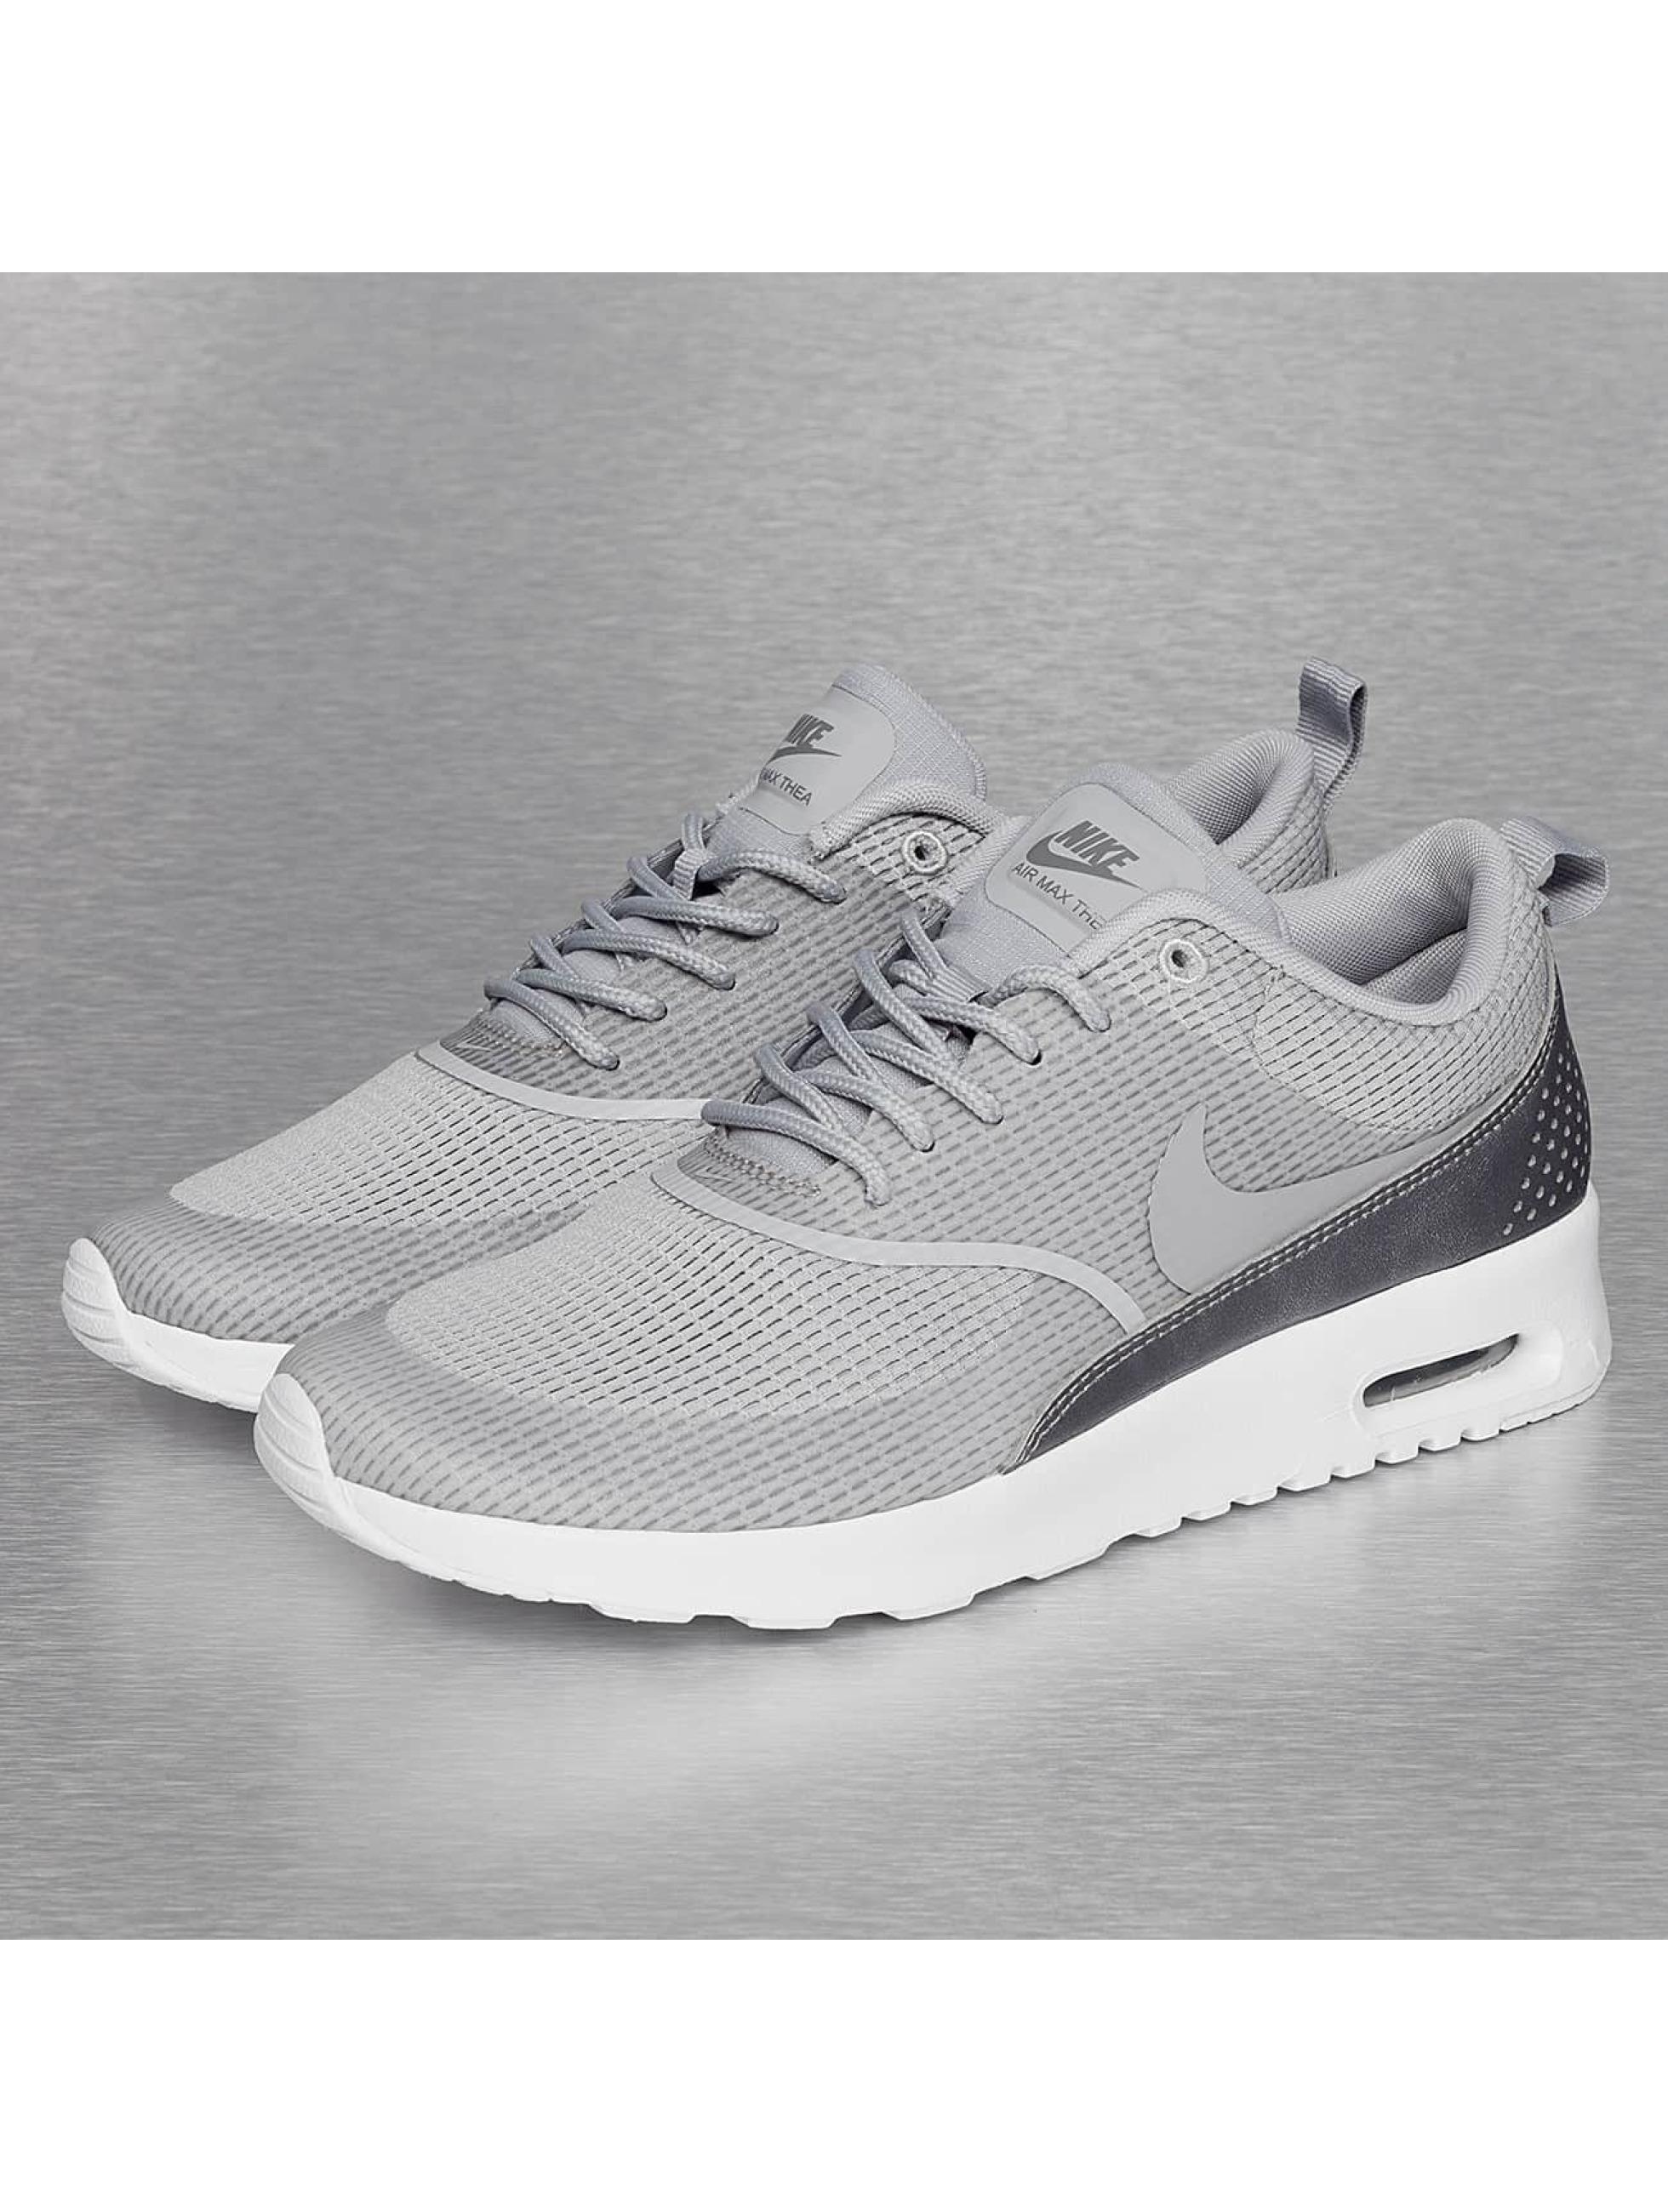 Nike Chaussures / Baskets Air Max Thea en gris